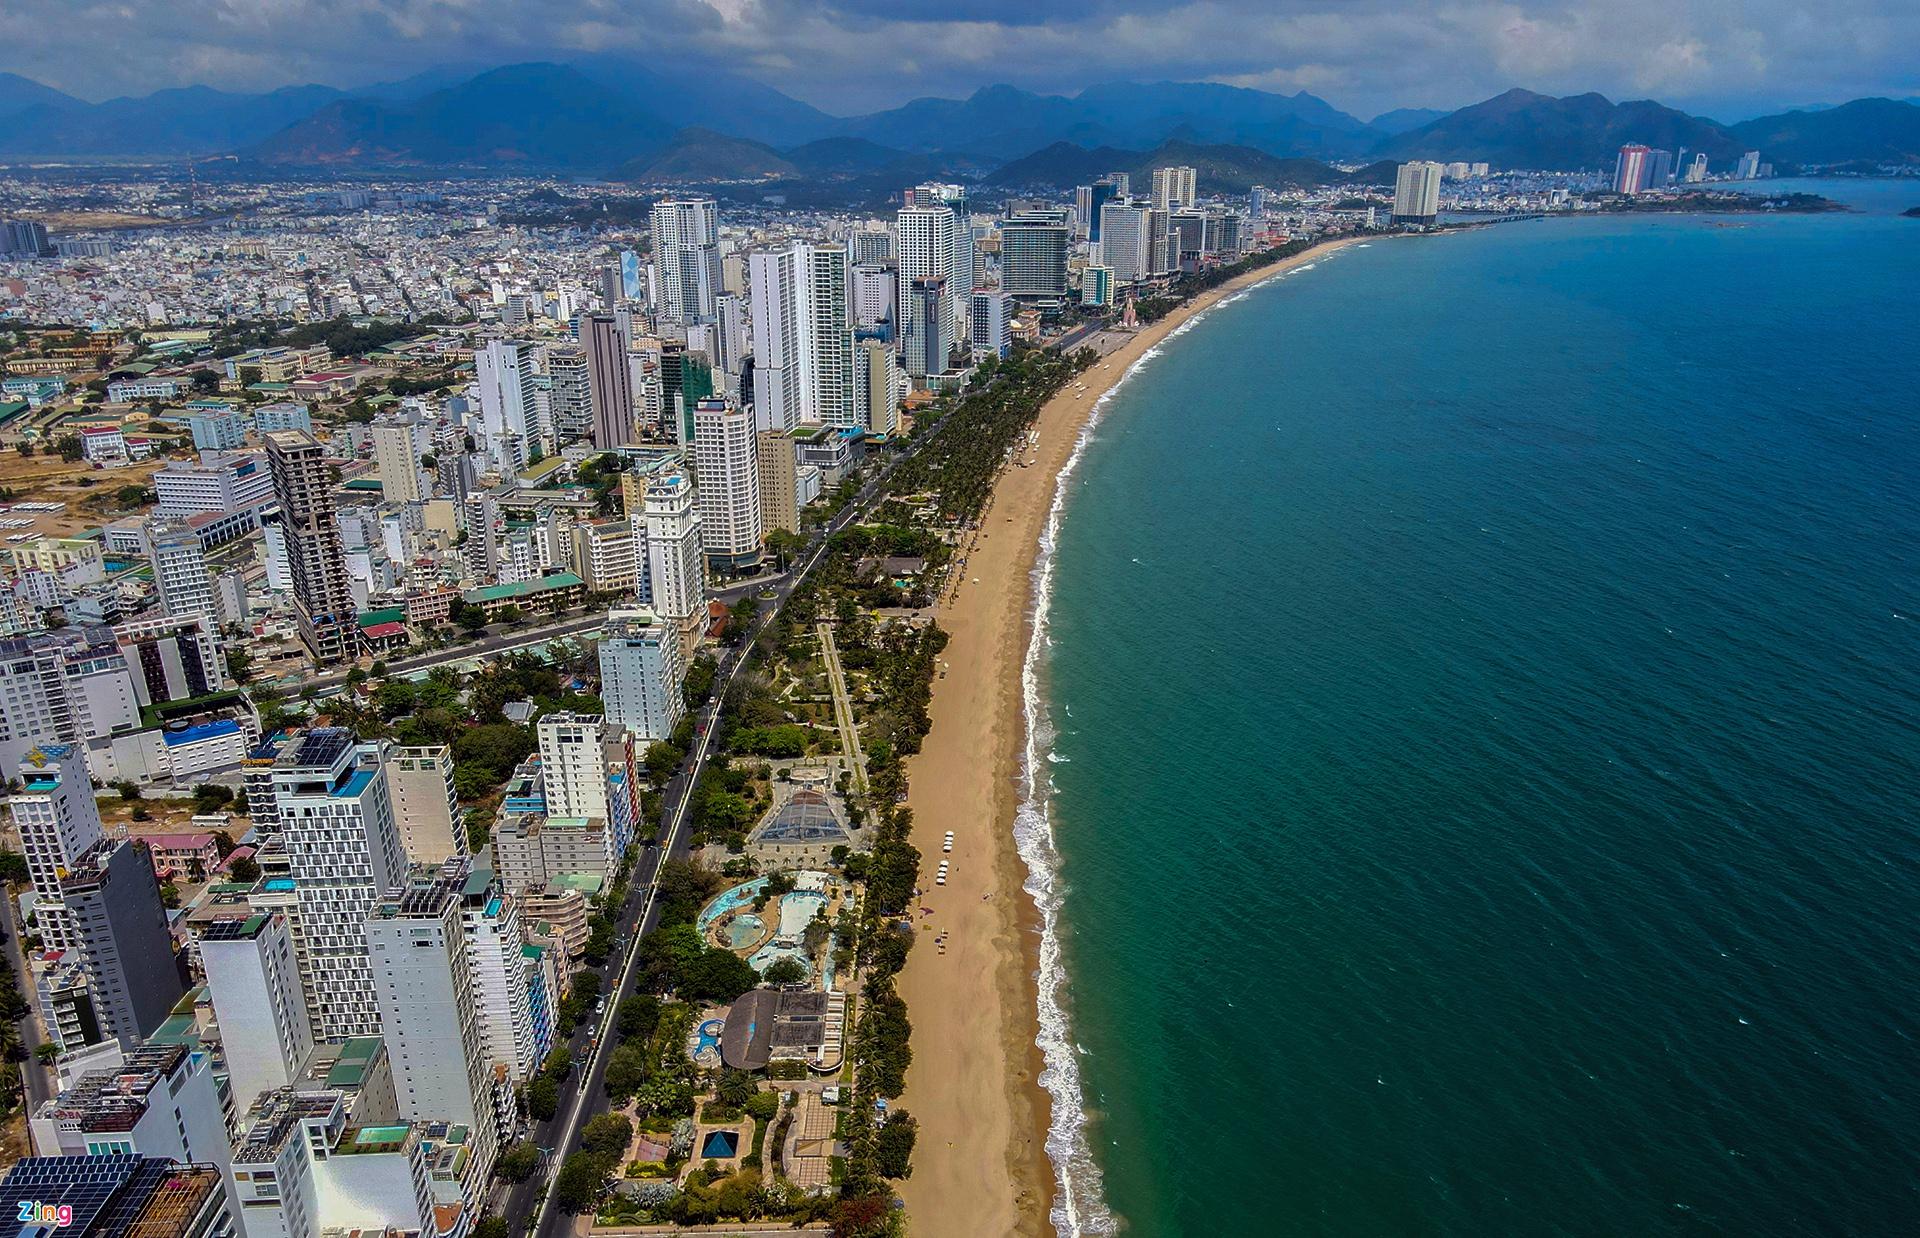 Bãi biển, danh thắng ở Nha Trang nhìn từ trên cao